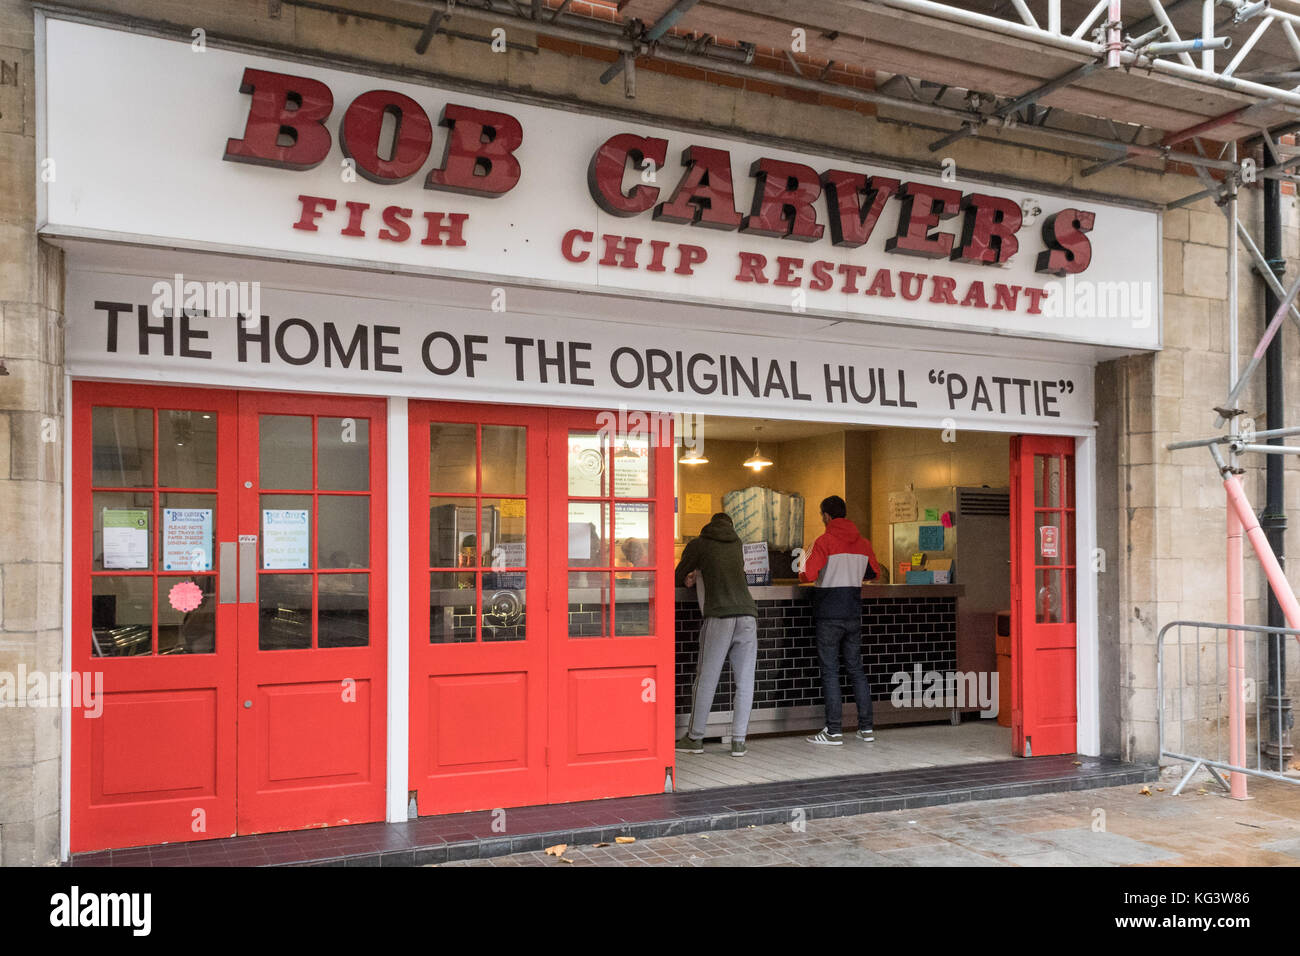 Von Bob Carver Fisch und Chips Restaurant, Hull, England, Großbritannien Stockbild